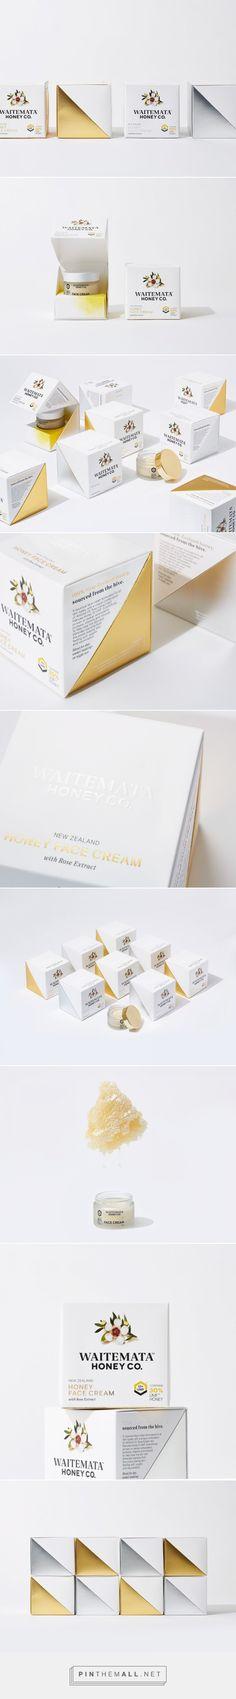 Waitemata Honey Face Cream packaging design by Onfire Design - https://www.packagingoftheworld.com/2018/06/waitemata-honey-face-cream.html